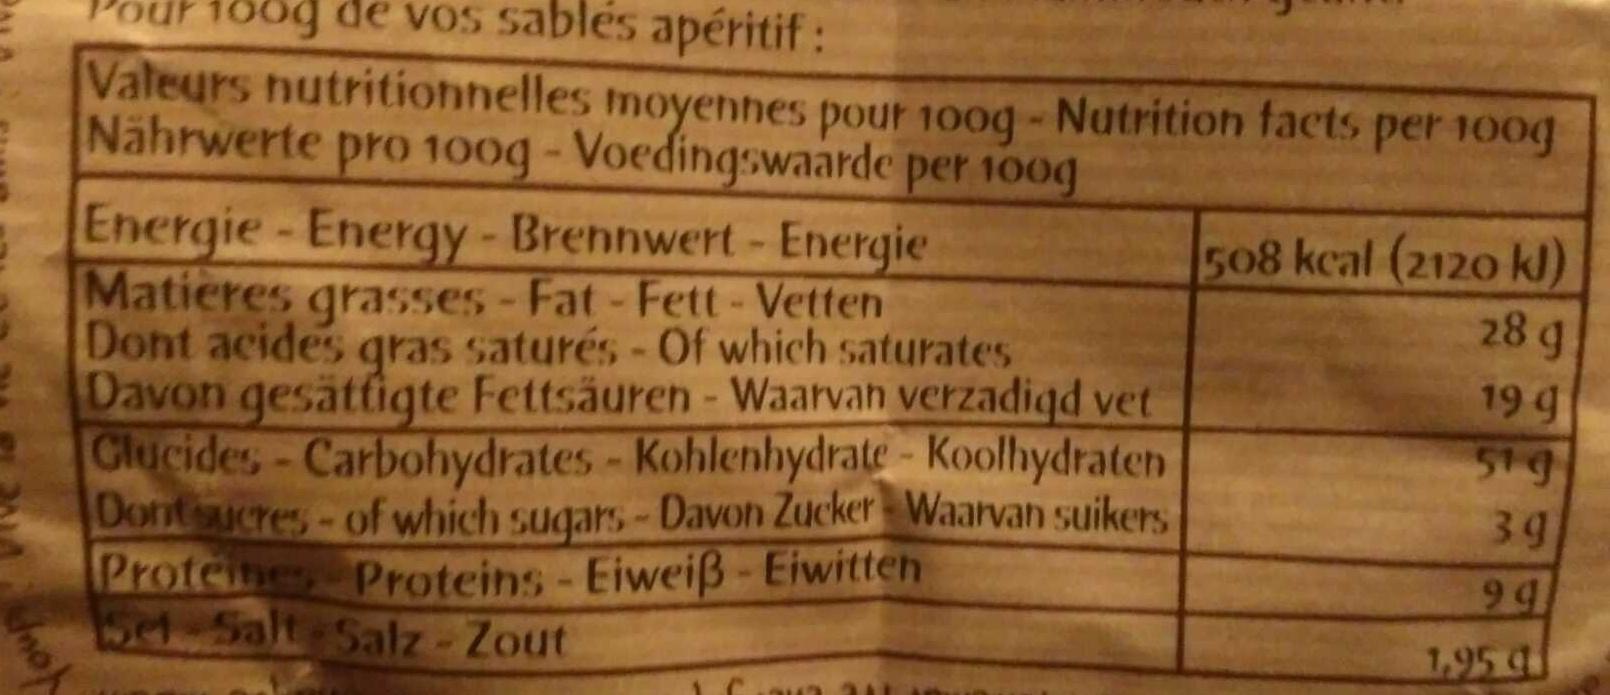 Petits sablés Beaufort - Nutrition facts - fr